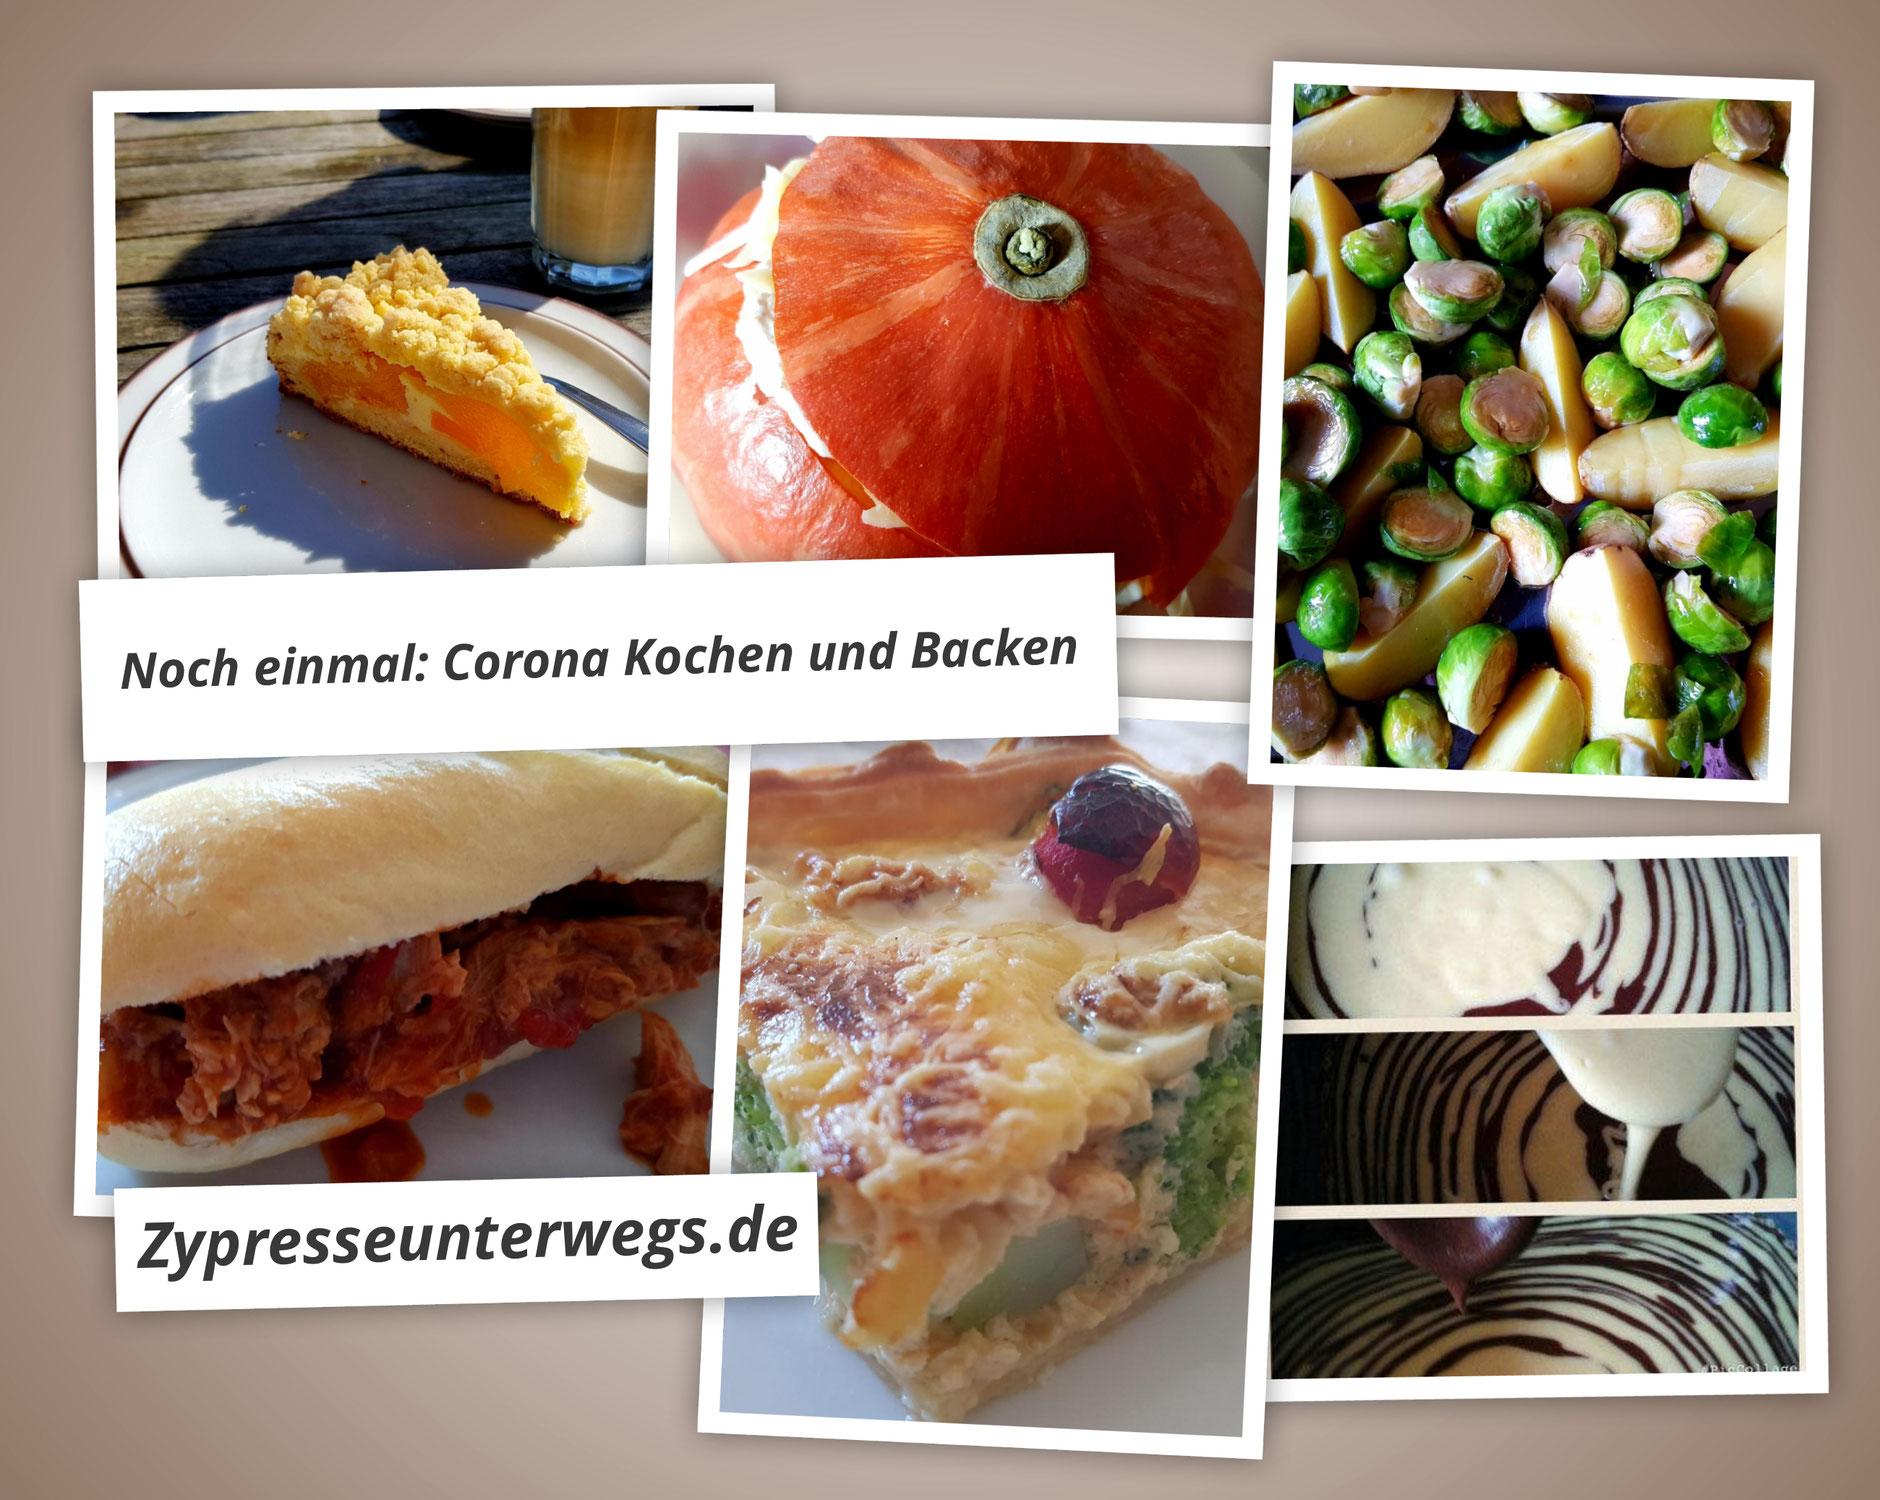 Noch einmal: Kochen und Backen in Corona-Zeiten